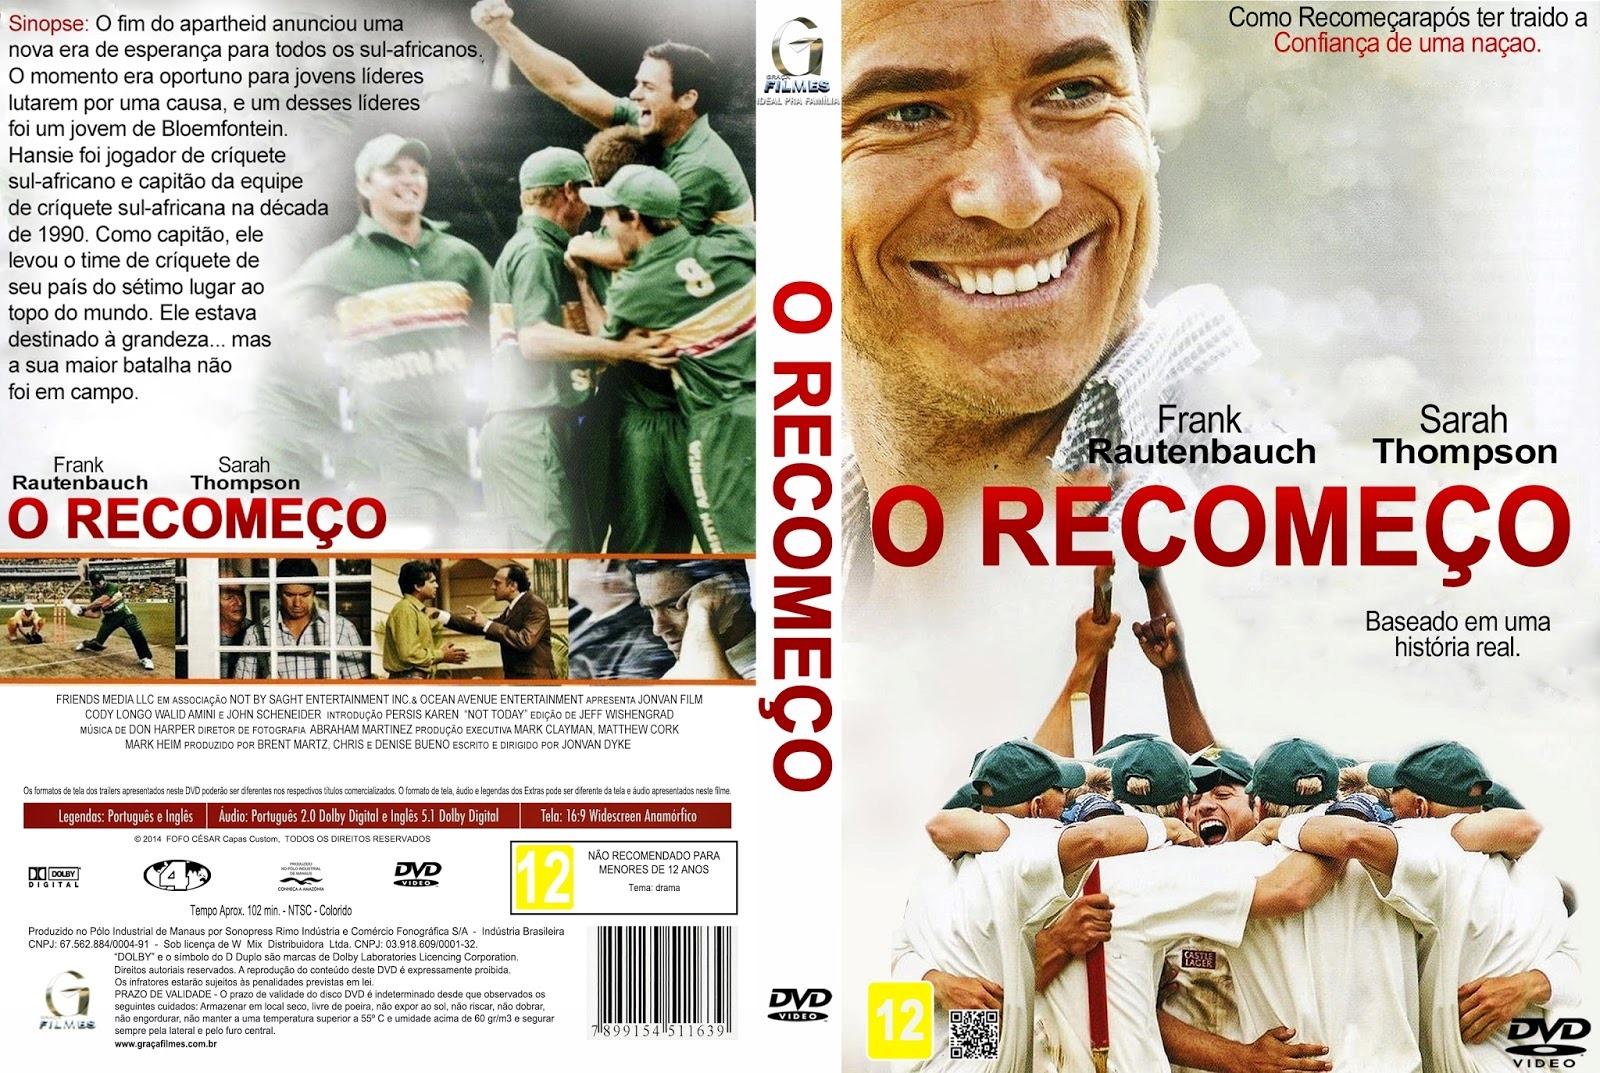 O Recomeço DVD-R O 2BRecome 25C3 25A7o 2BDVD R 2B  2BXANDAODOWNLOAD